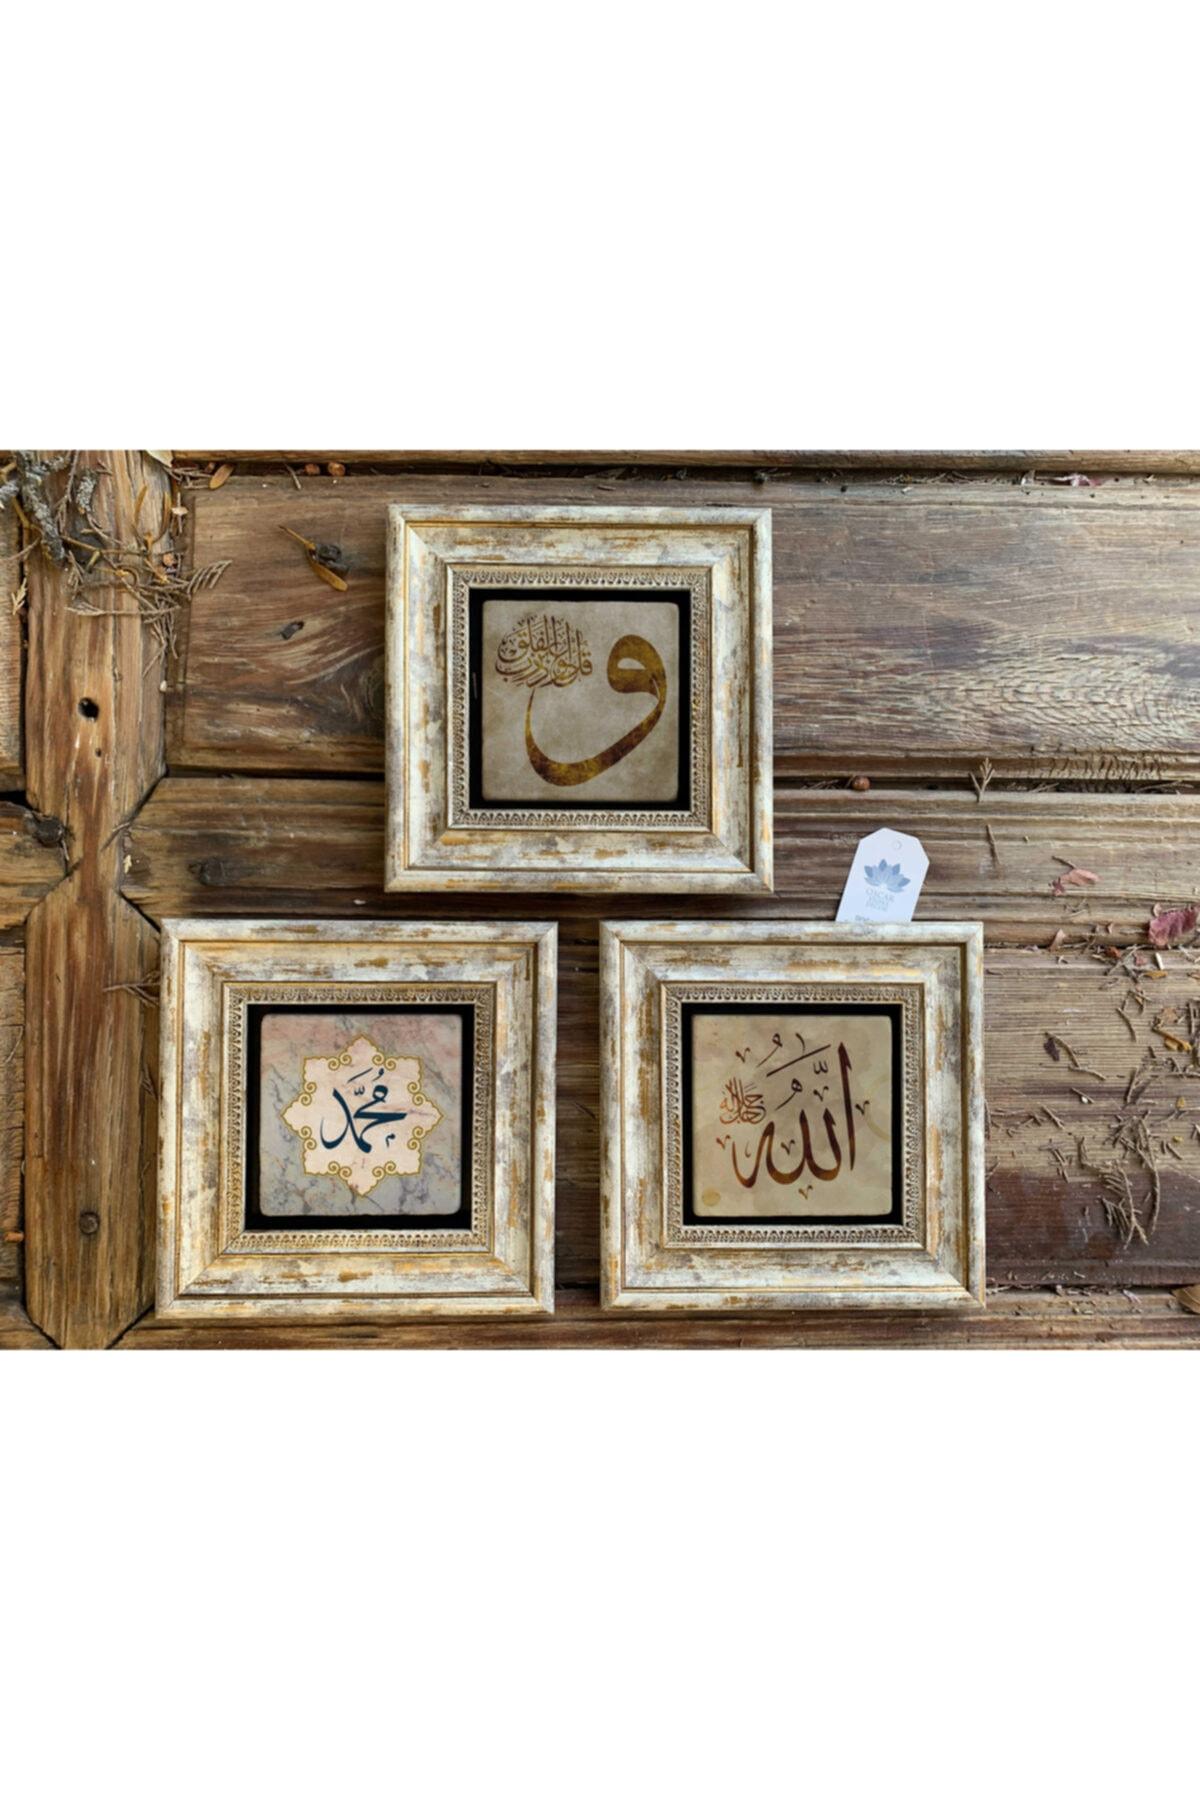 Oscar Stone Decor Çerçeveli Taş Duvar Dekoru 20 X 20 Cm 3 Lü Vav Allah Muhammed 1